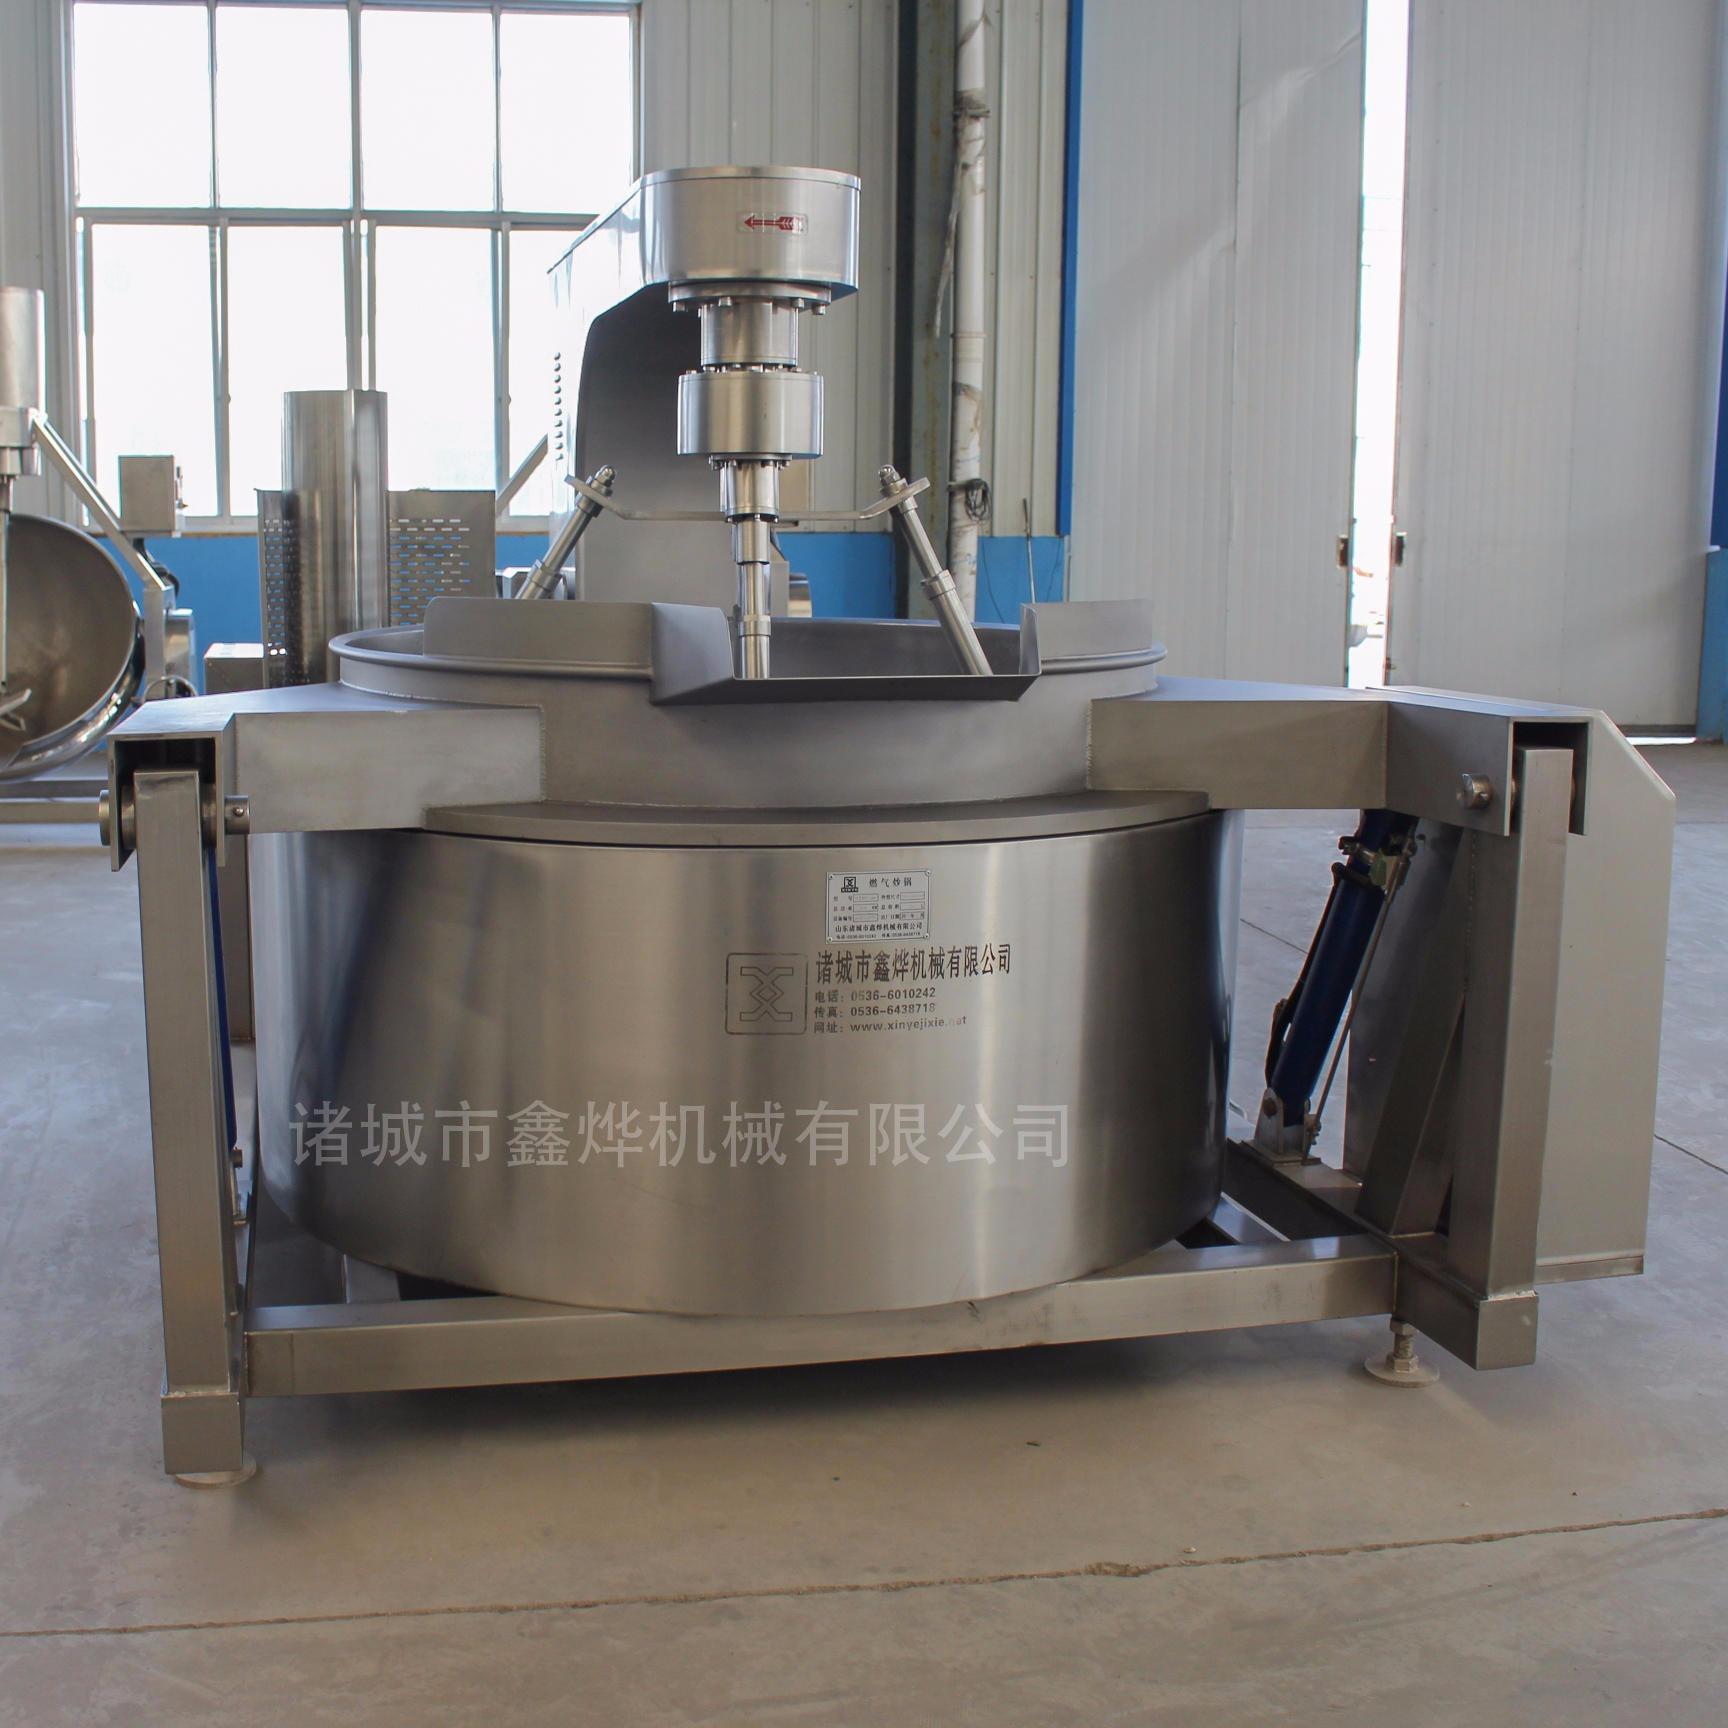 醬料炒鍋設備 自動炒鍋 多功能炒料機 食品加工設備歡迎各位老板來考察